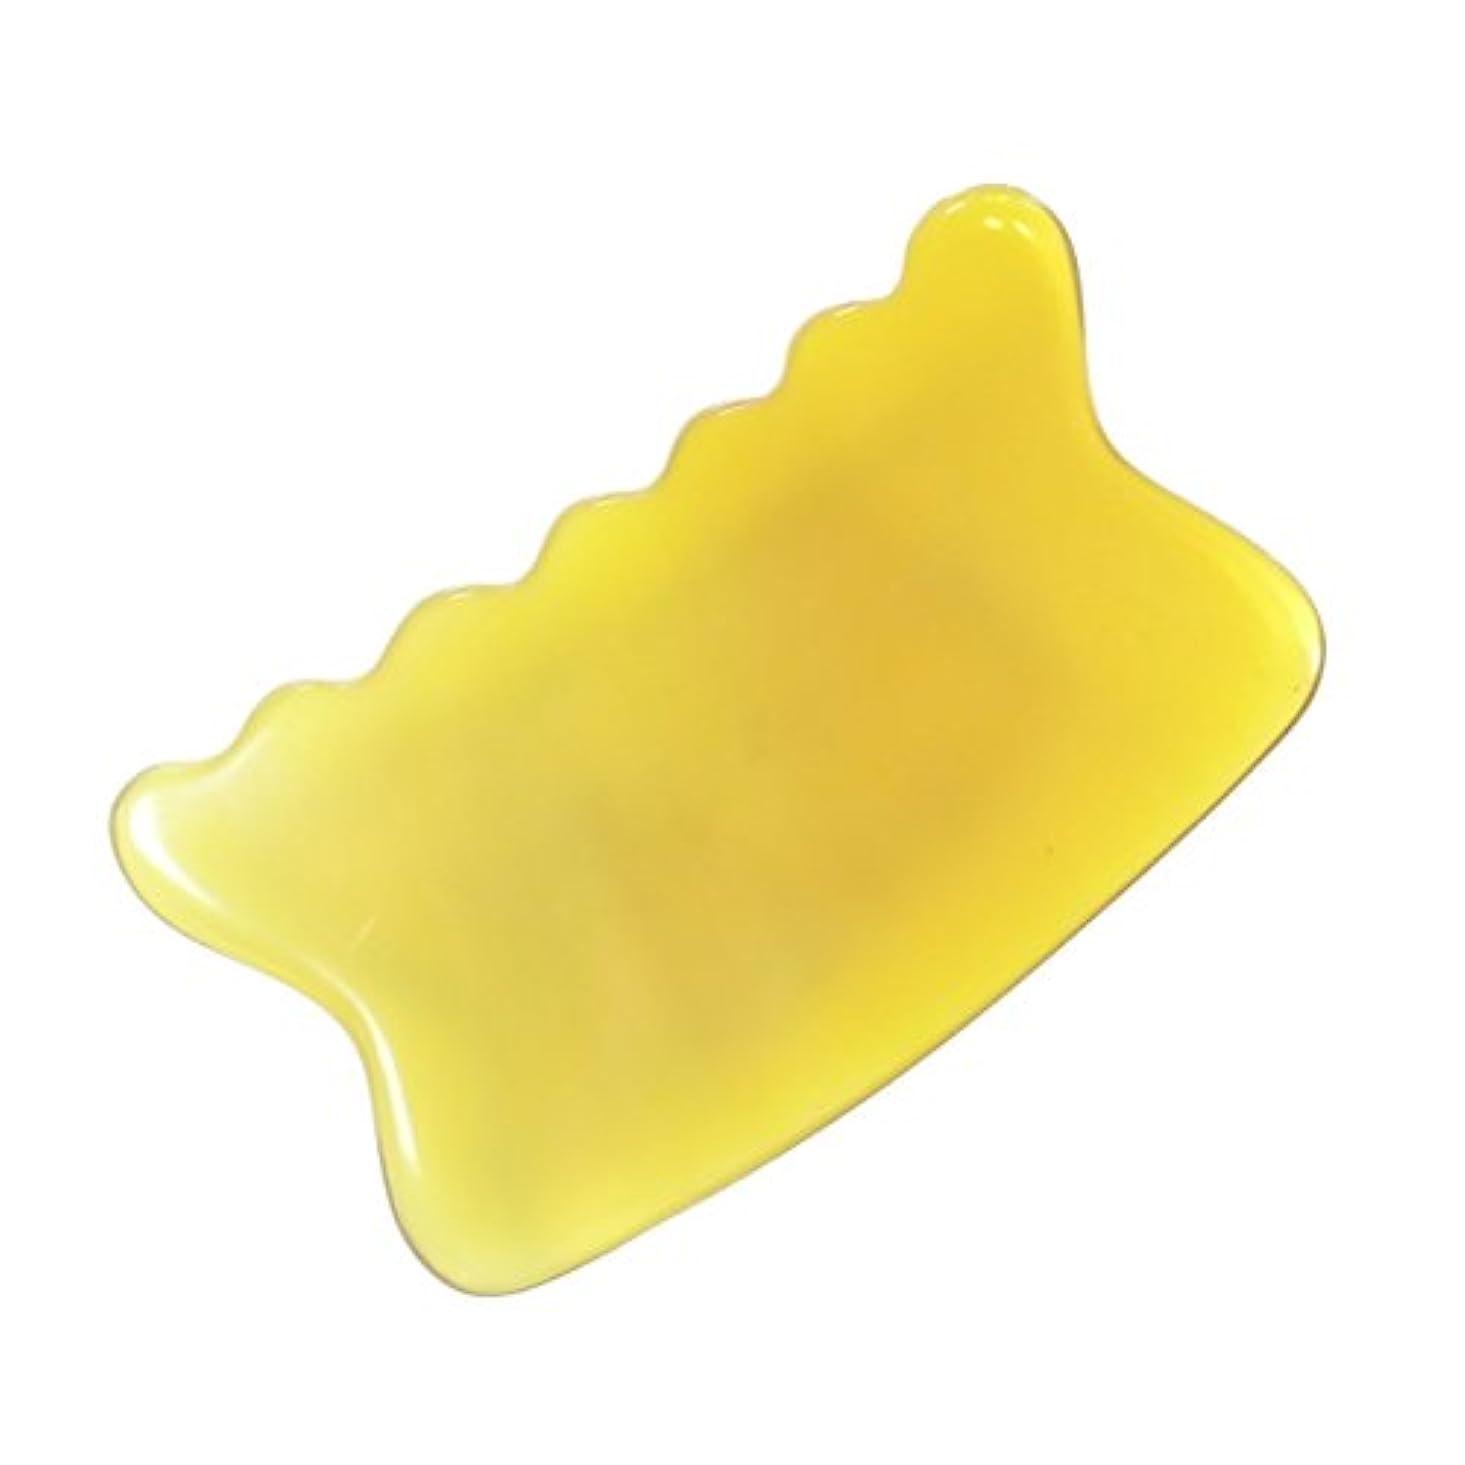 家平行荒らすかっさ プレート 希少55 黄水牛角 極美品 曲波型